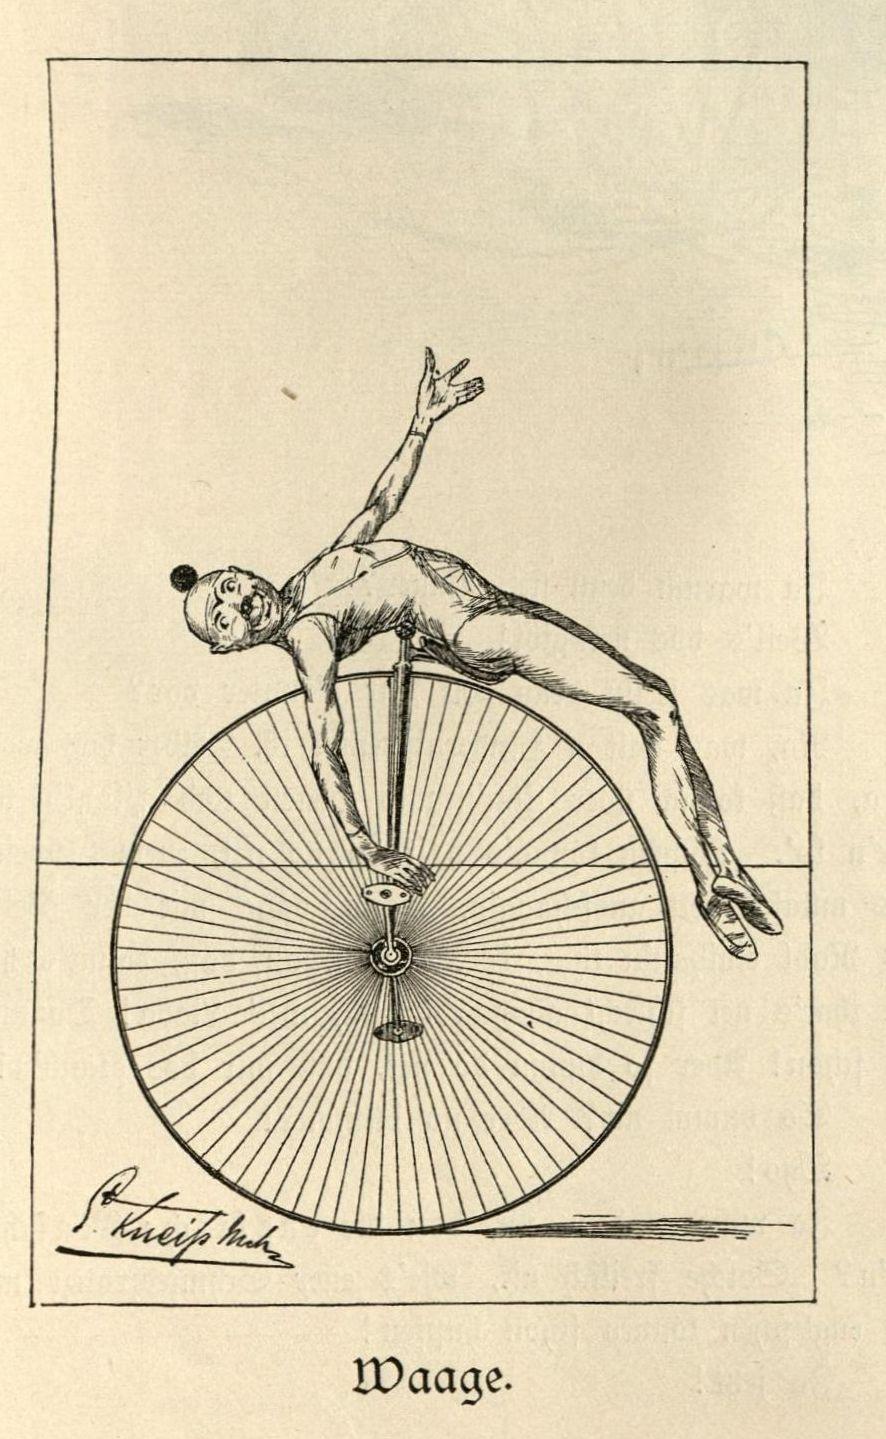 rh_87-88-monocycle09